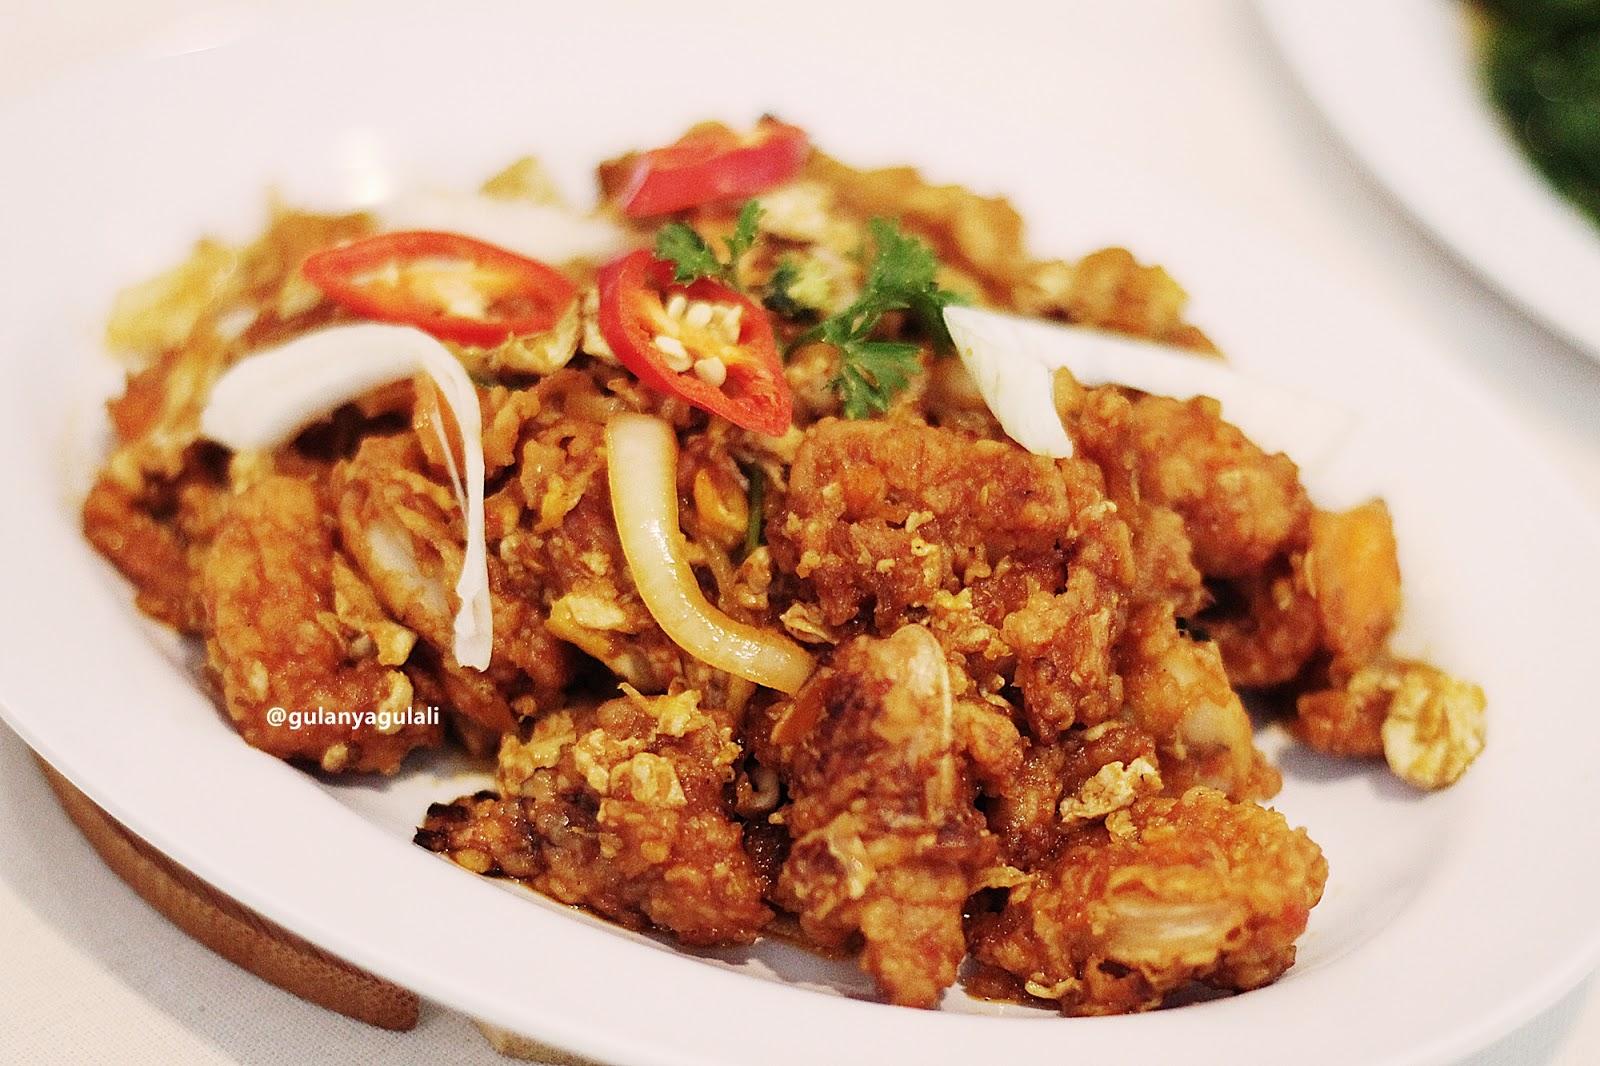 Jamuan Samudra - Restoran Seafood Enak Kaya Rempah di